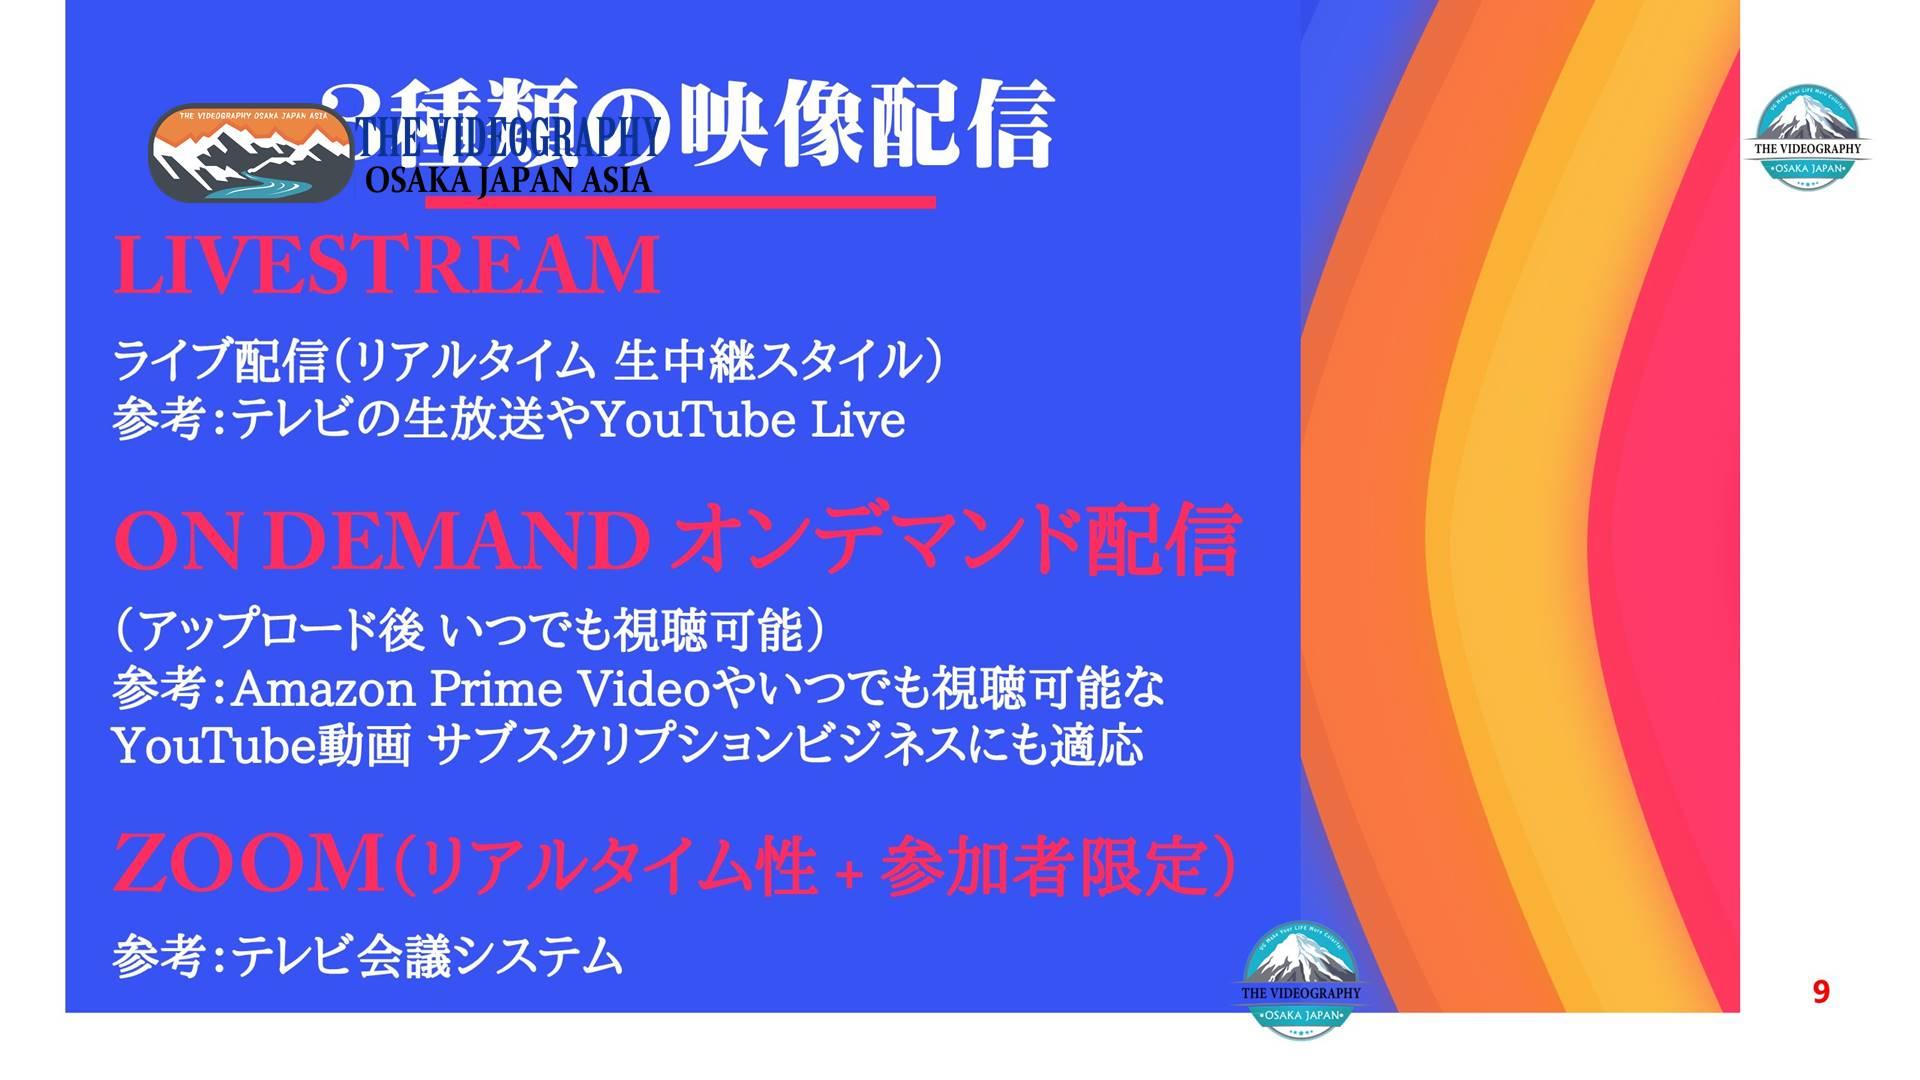 有料映像配信プラットフォーム構築。 3種類の映像配信 A Livestream ライブ配信(リアルタイム 生中継スタイル) 参考:テレビの生放送やYouTube Live B On demand オンデマンド配信(アップロード後 いつでも視聴可能) 参考:Amazon Prime Videoやいつでも視聴可能なYouTube動画 サブスクリプション  C ZOOM(リアルタイム性 + 参加者限定) 参考:テレビ会議システム 貴社に最適な動画ビジネスを展開致します。 【対応エリアは47都道府県】 東京都 大阪府大阪市 神奈川県横浜市 千葉県 愛知県名古屋市 北海道札幌市 福岡県博多市 青森県 岩手県盛岡市 宮城県仙台市 秋田県 山形県 福島県 茨城県水戸市 栃木県宇都宮市 群馬県前橋市 埼玉県 新潟県 富山県 石川県金沢市 福井県 山梨県 長野県松本市 岐阜県 静岡県 三重県津市 滋賀県大津市 京都府京都市 兵庫県神戸市 奈良県 和歌山県 鳥取県 島根県松江市 岡山県 広島県 山口県 徳島県徳島市 香川県高松市 愛媛県松山市 高知県高知市 佐賀県 長崎県 熊本県 大分県 宮崎県 鹿児島県 沖縄県那覇市 石垣島 西表島 八重山諸島